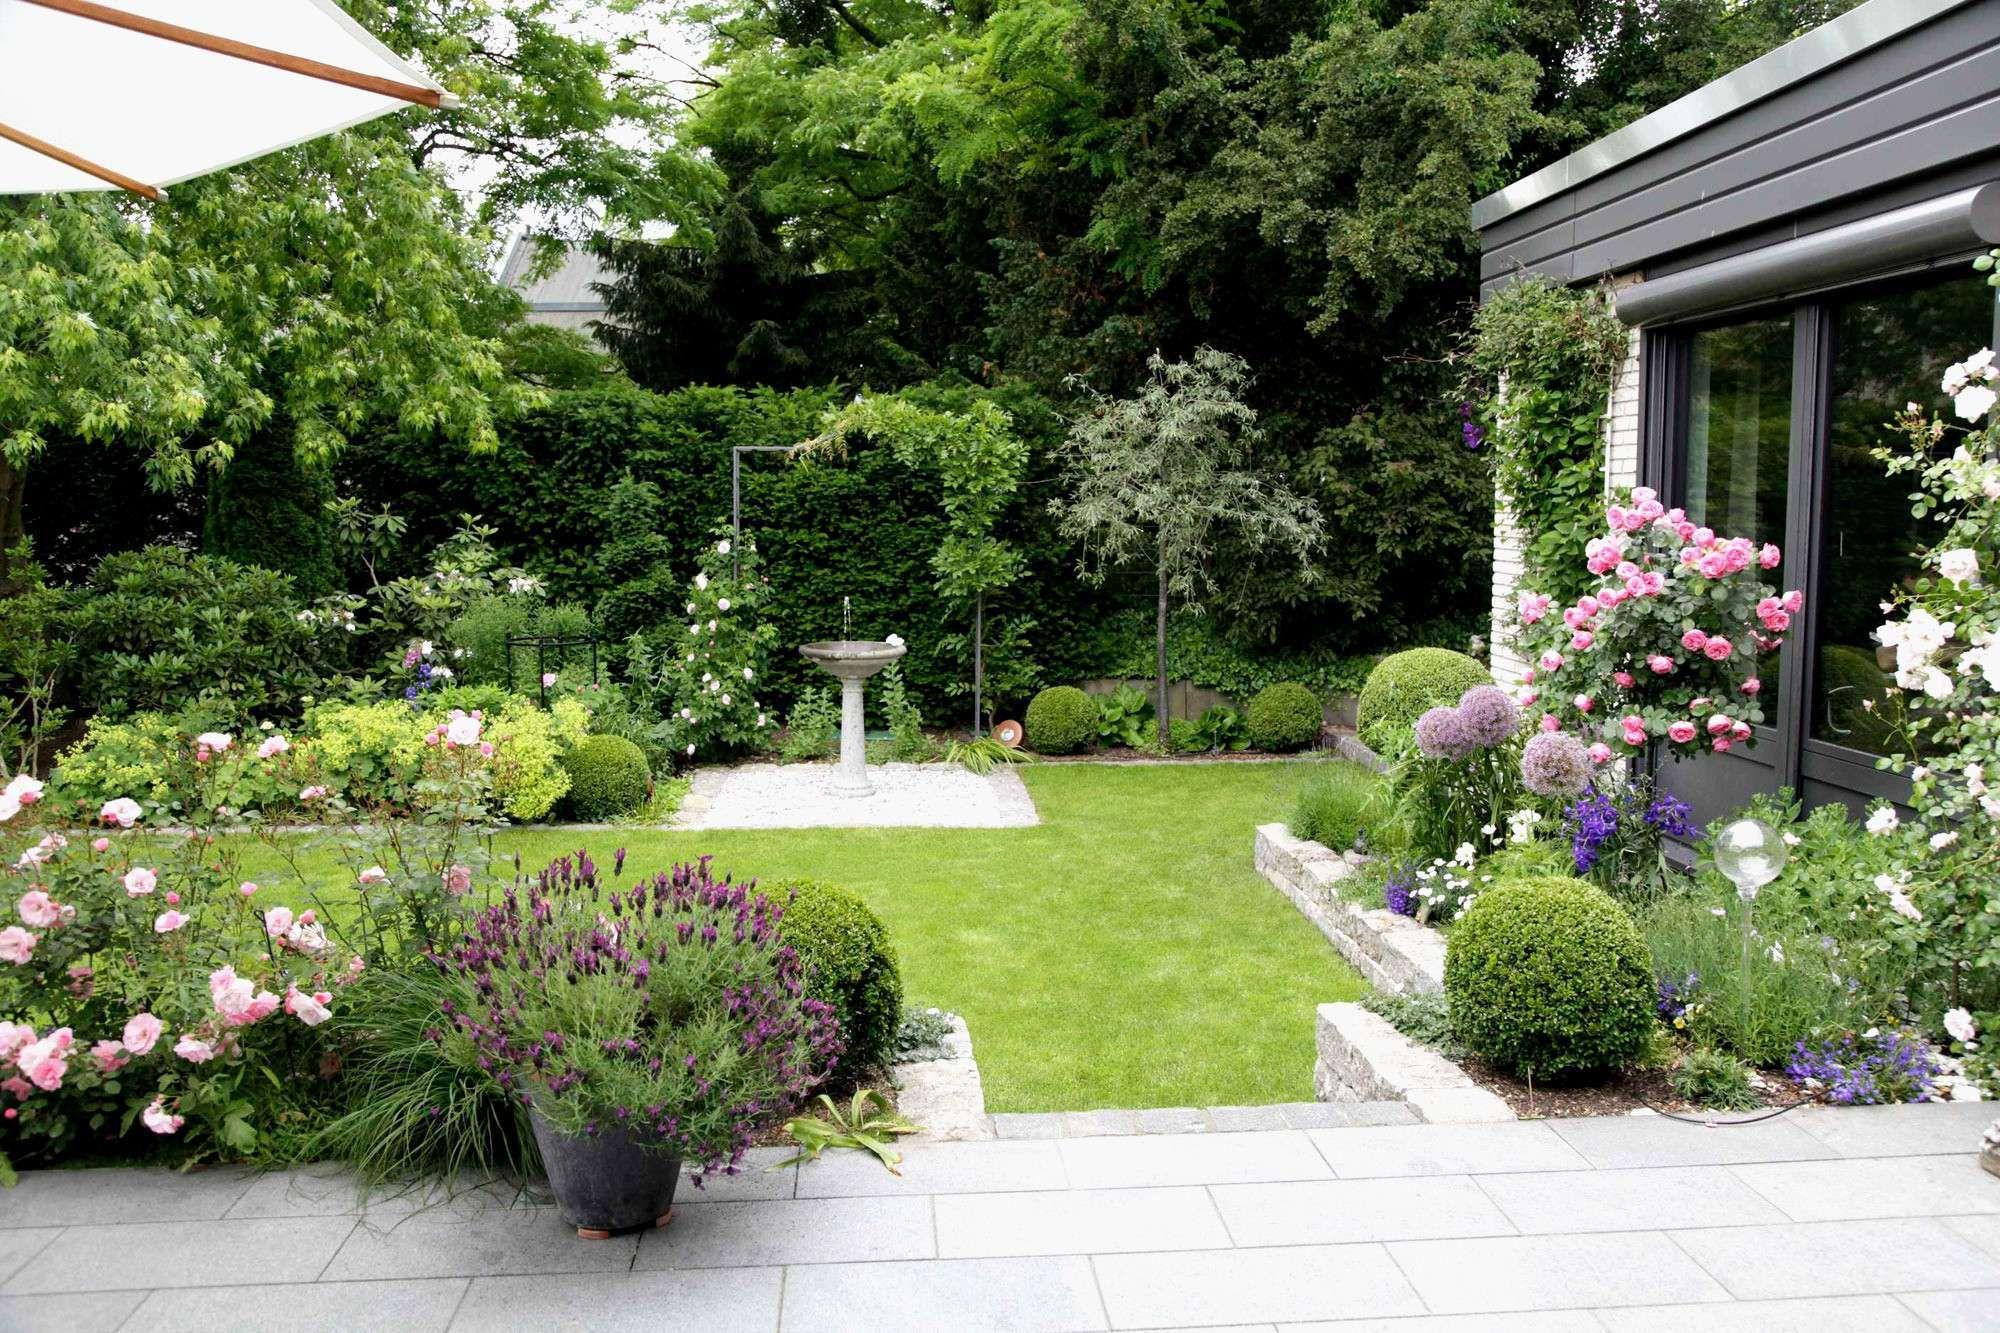 Reihenhausgarten Romantisch Modern Google Suche Gartengestaltung Garten Kleiner Garten